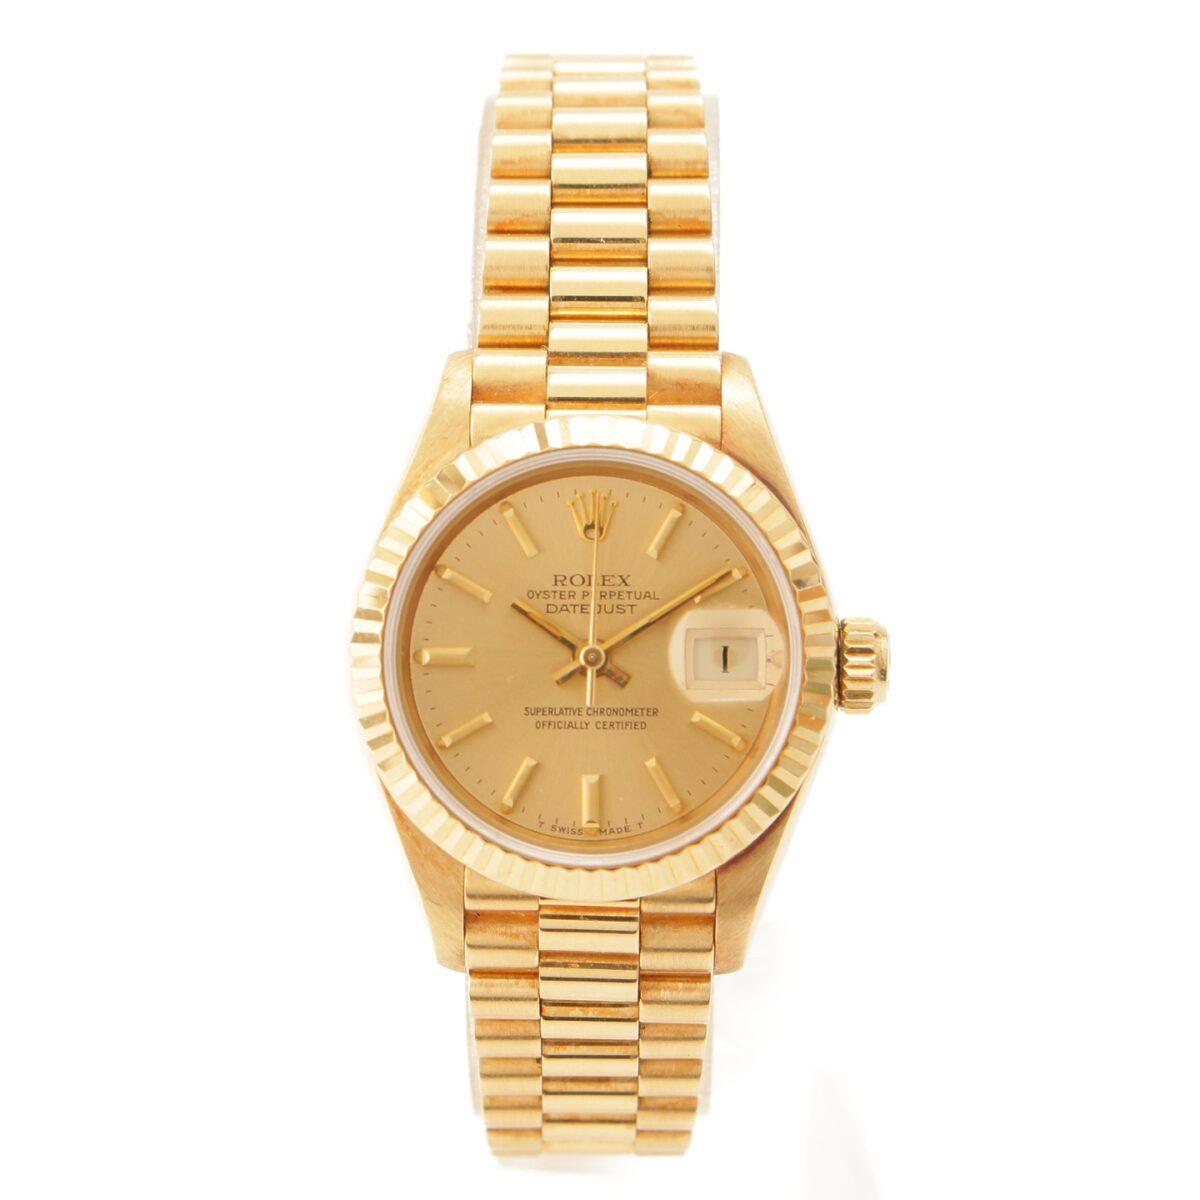 ロレックス 69178 デイトジャスト 金無垢 自動巻き時計